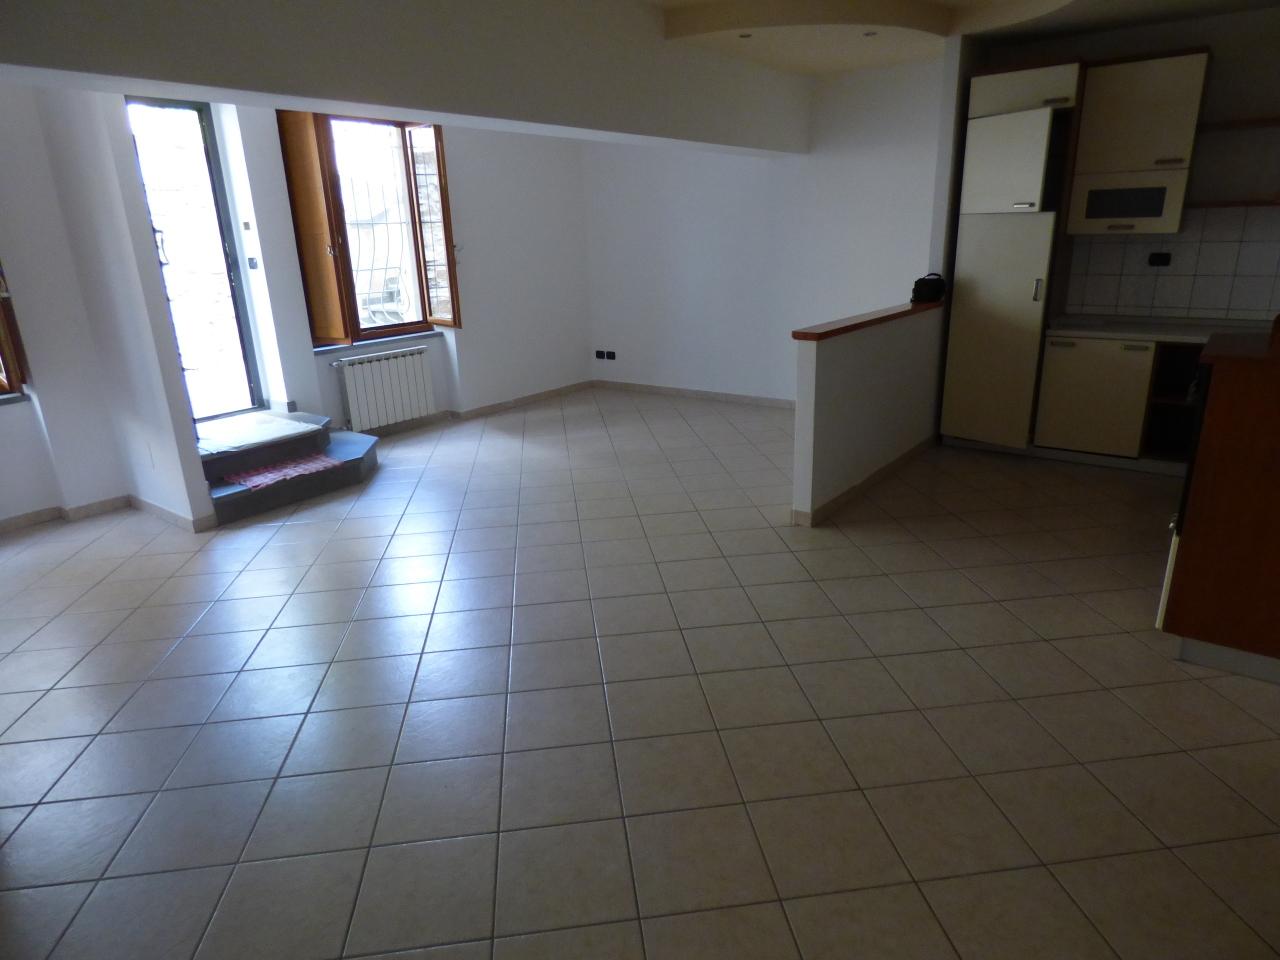 Appartamento in vendita a Fiesole, 2 locali, prezzo € 160.000 | Cambio Casa.it